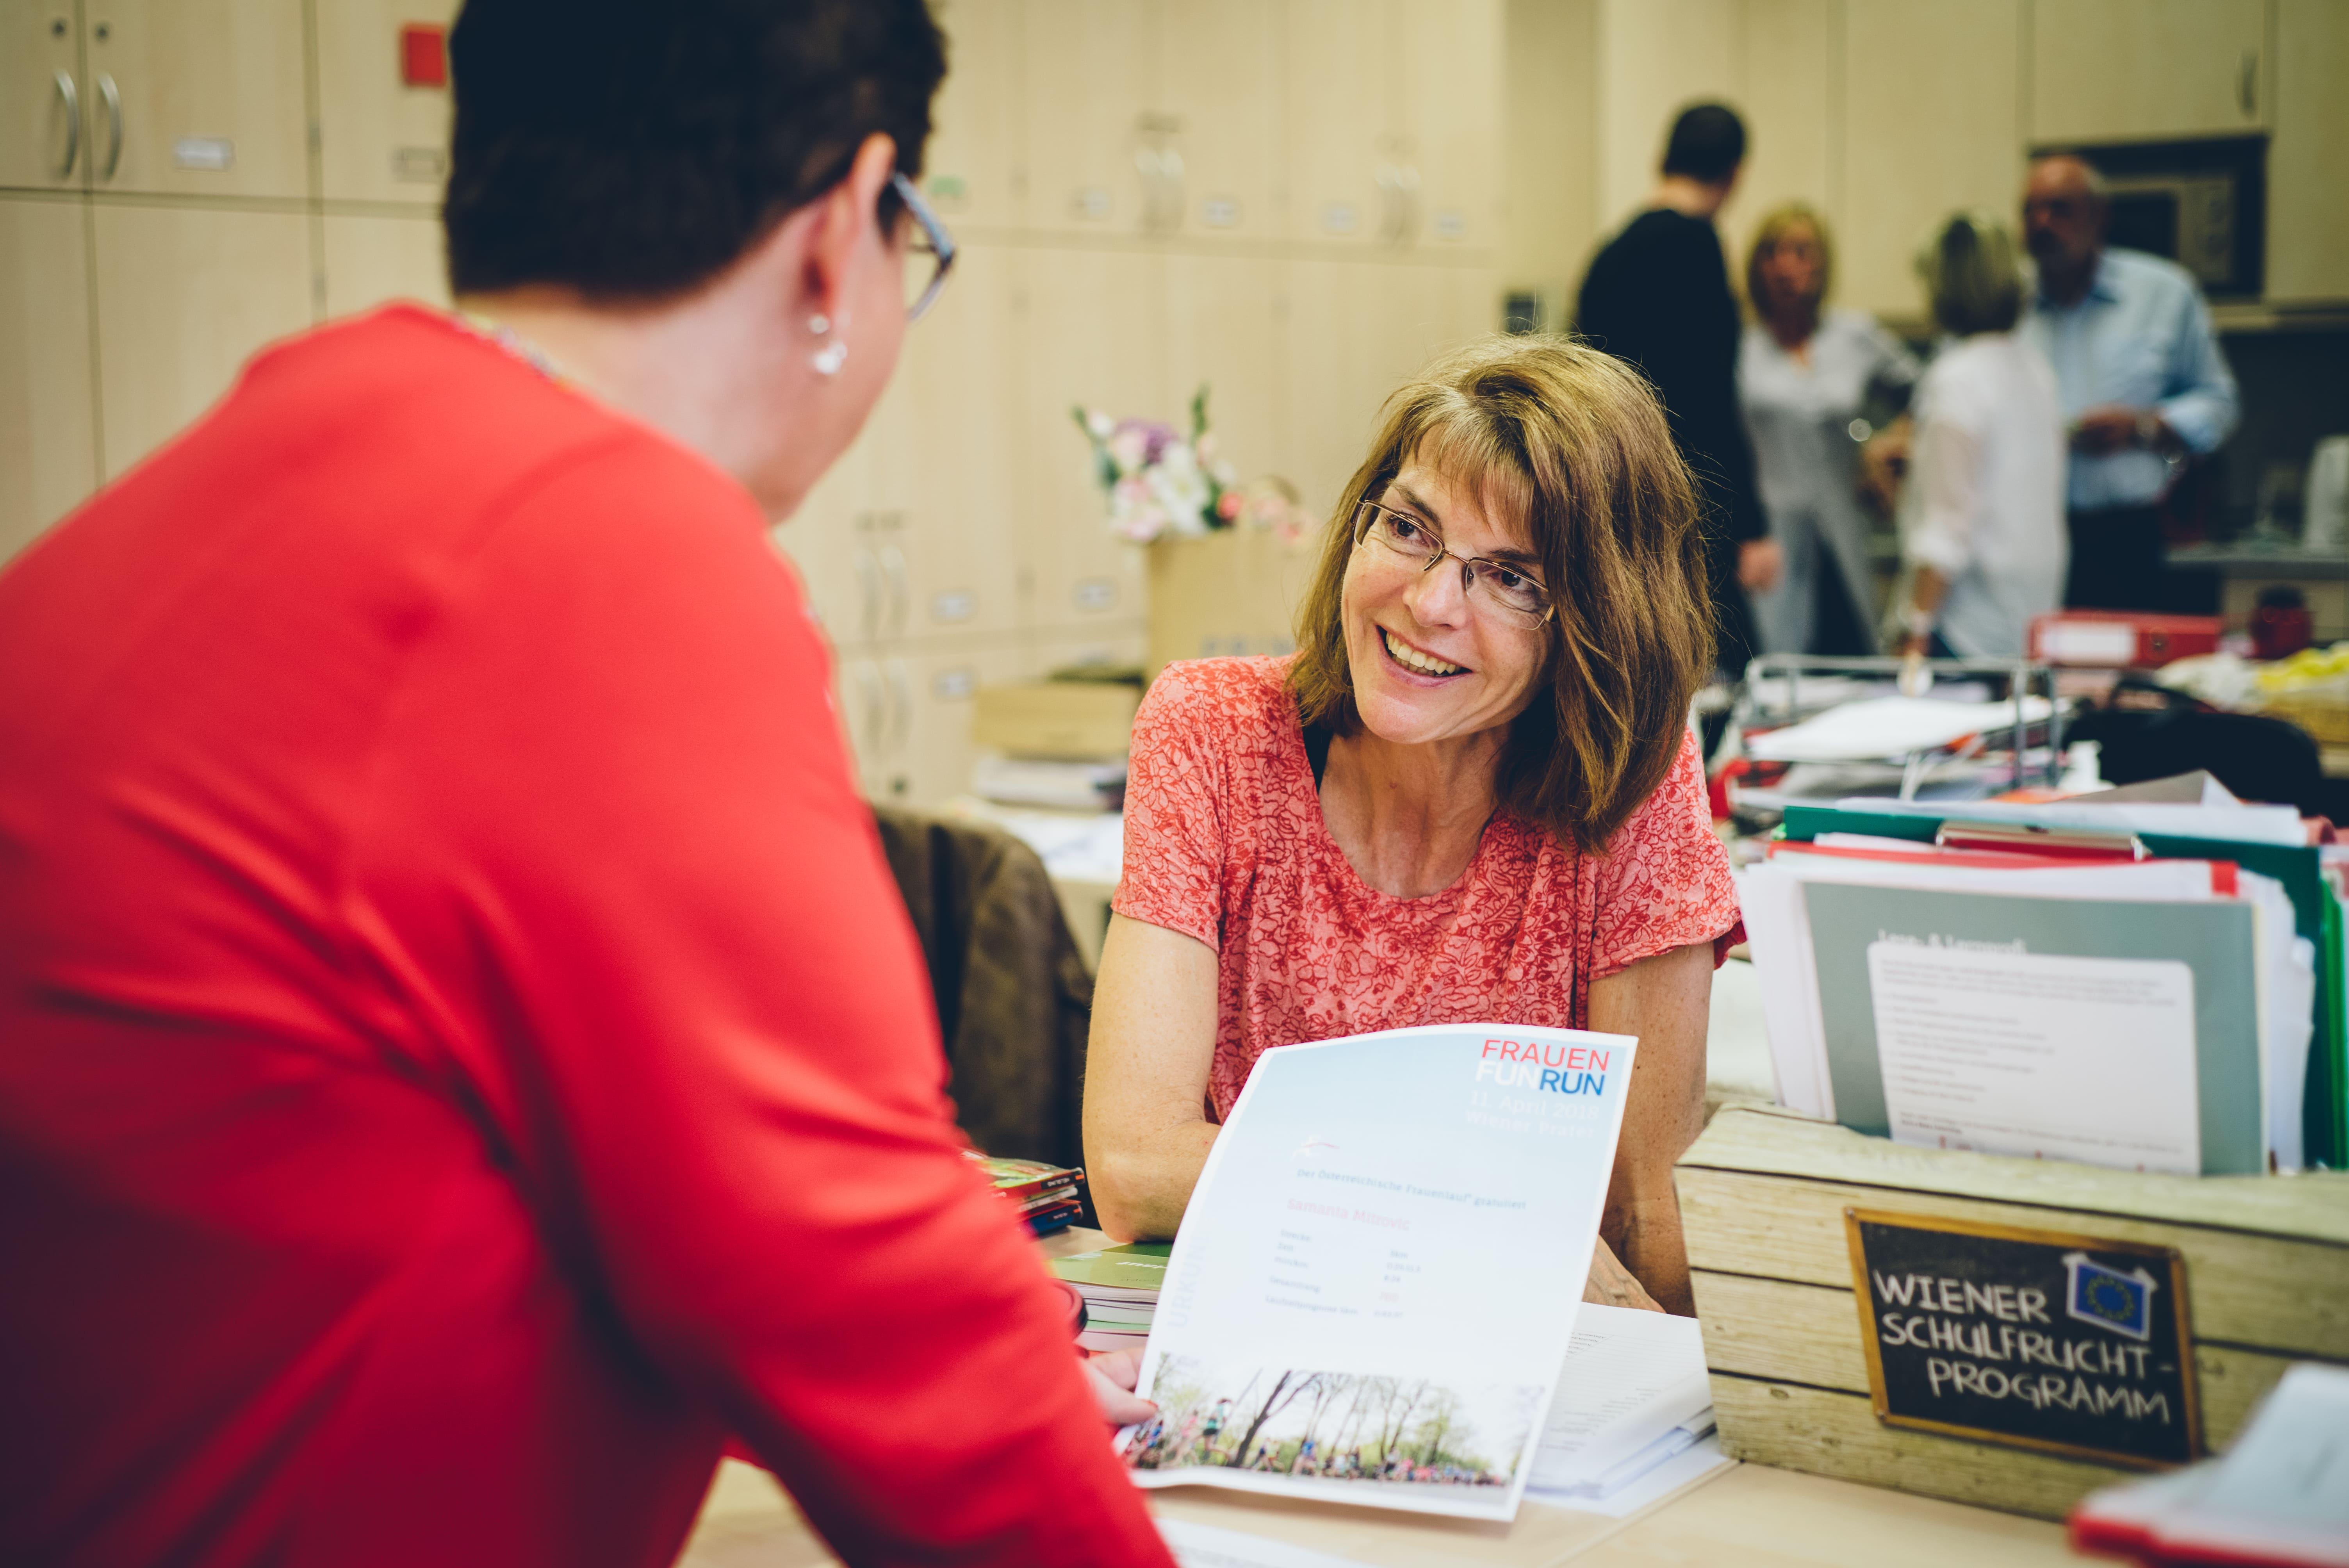 Zwei Lehrerinnen unterhalten sich im Lehrerzimmer